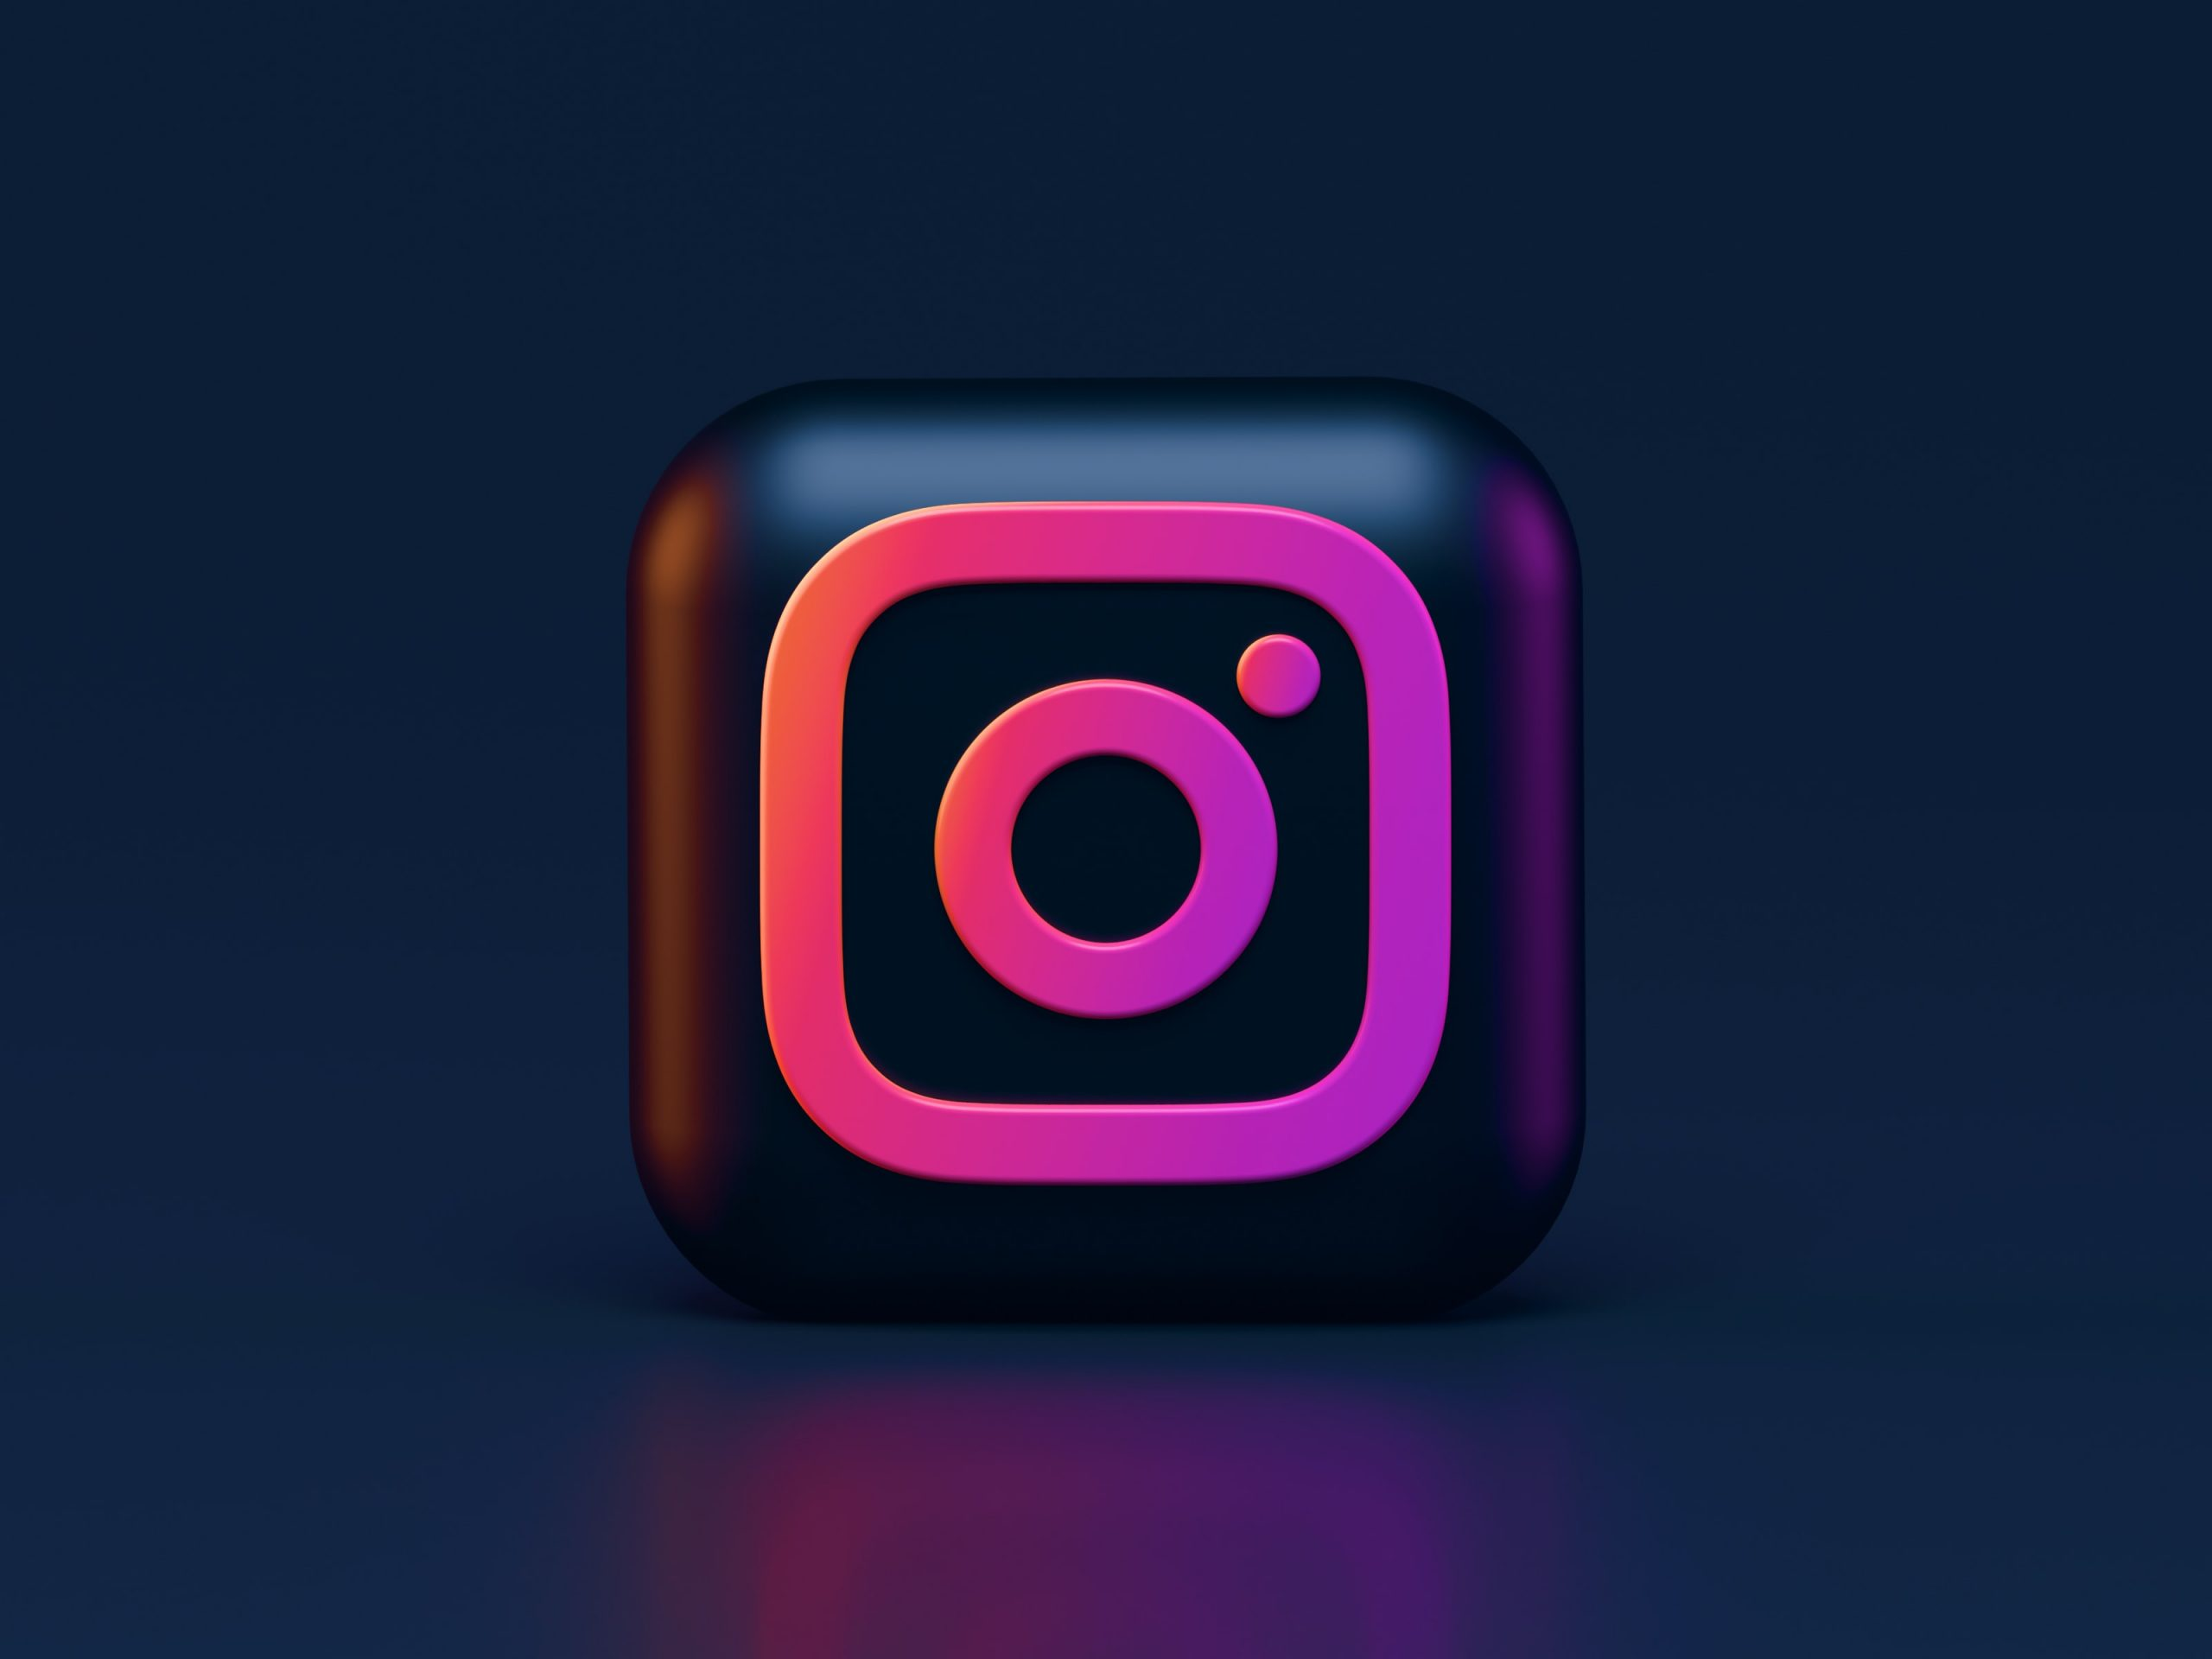 Le tendenze visual per un feed Instagram davvero catchy